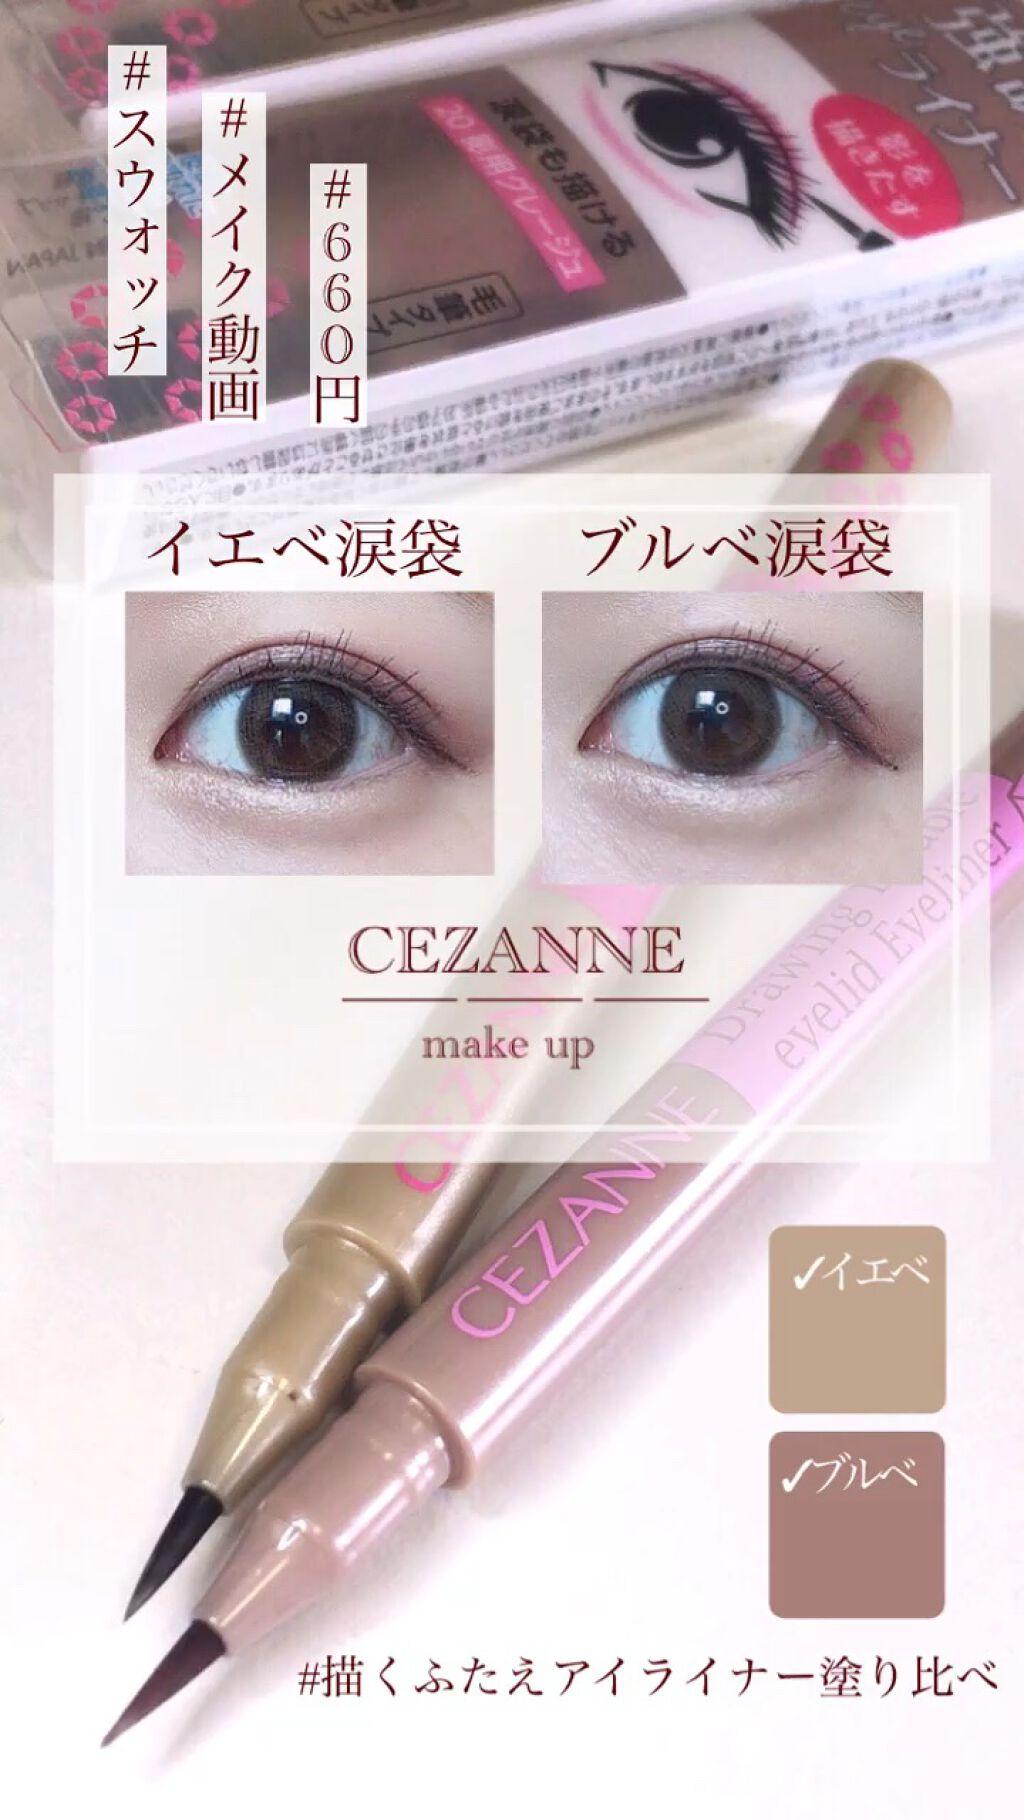 描くふたえアイライナー/CEZANNE/リキッドアイライナーを使ったクチコミ(1枚目)